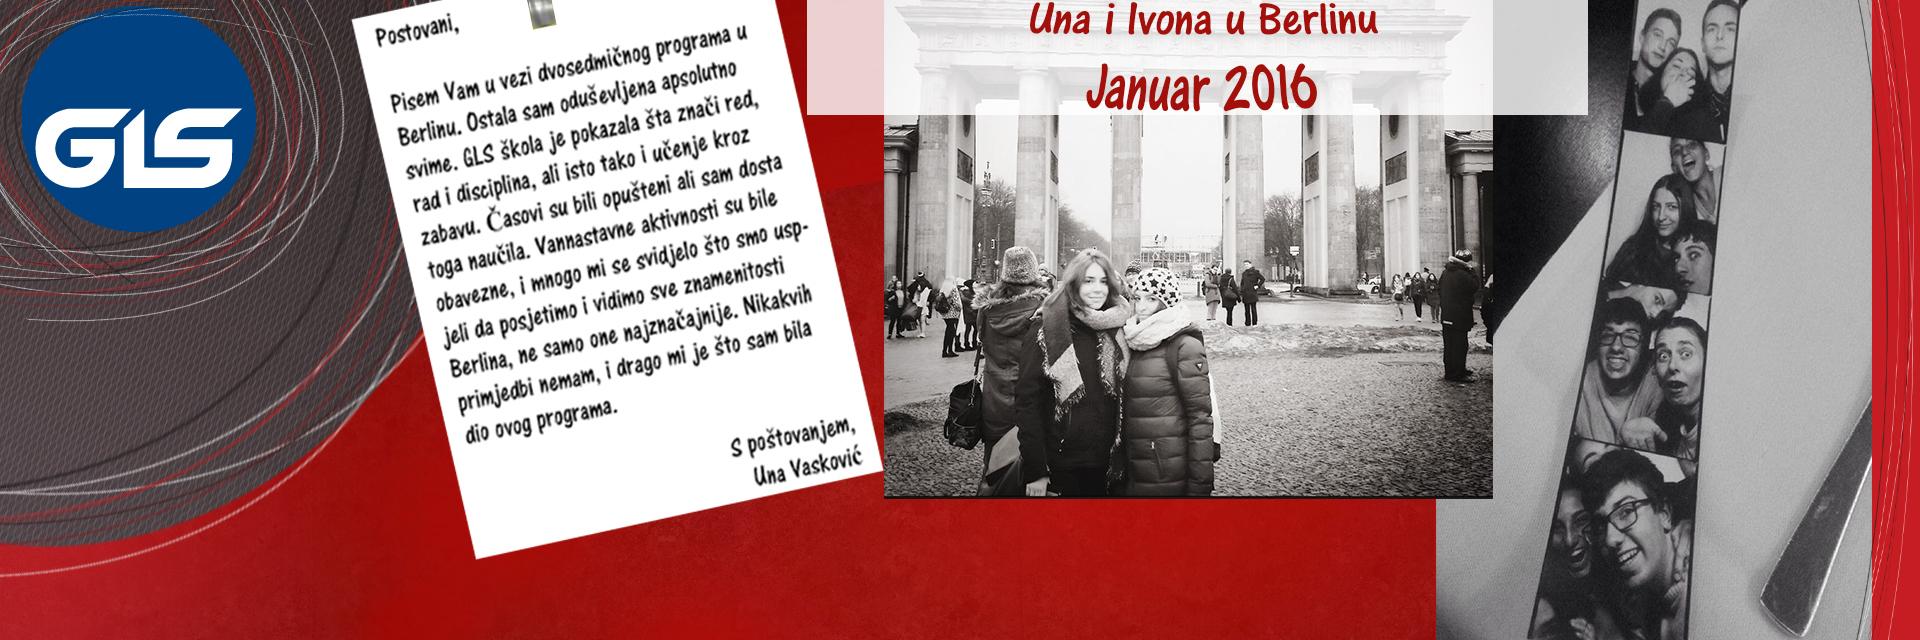 GLS-UNA-I-IVONA